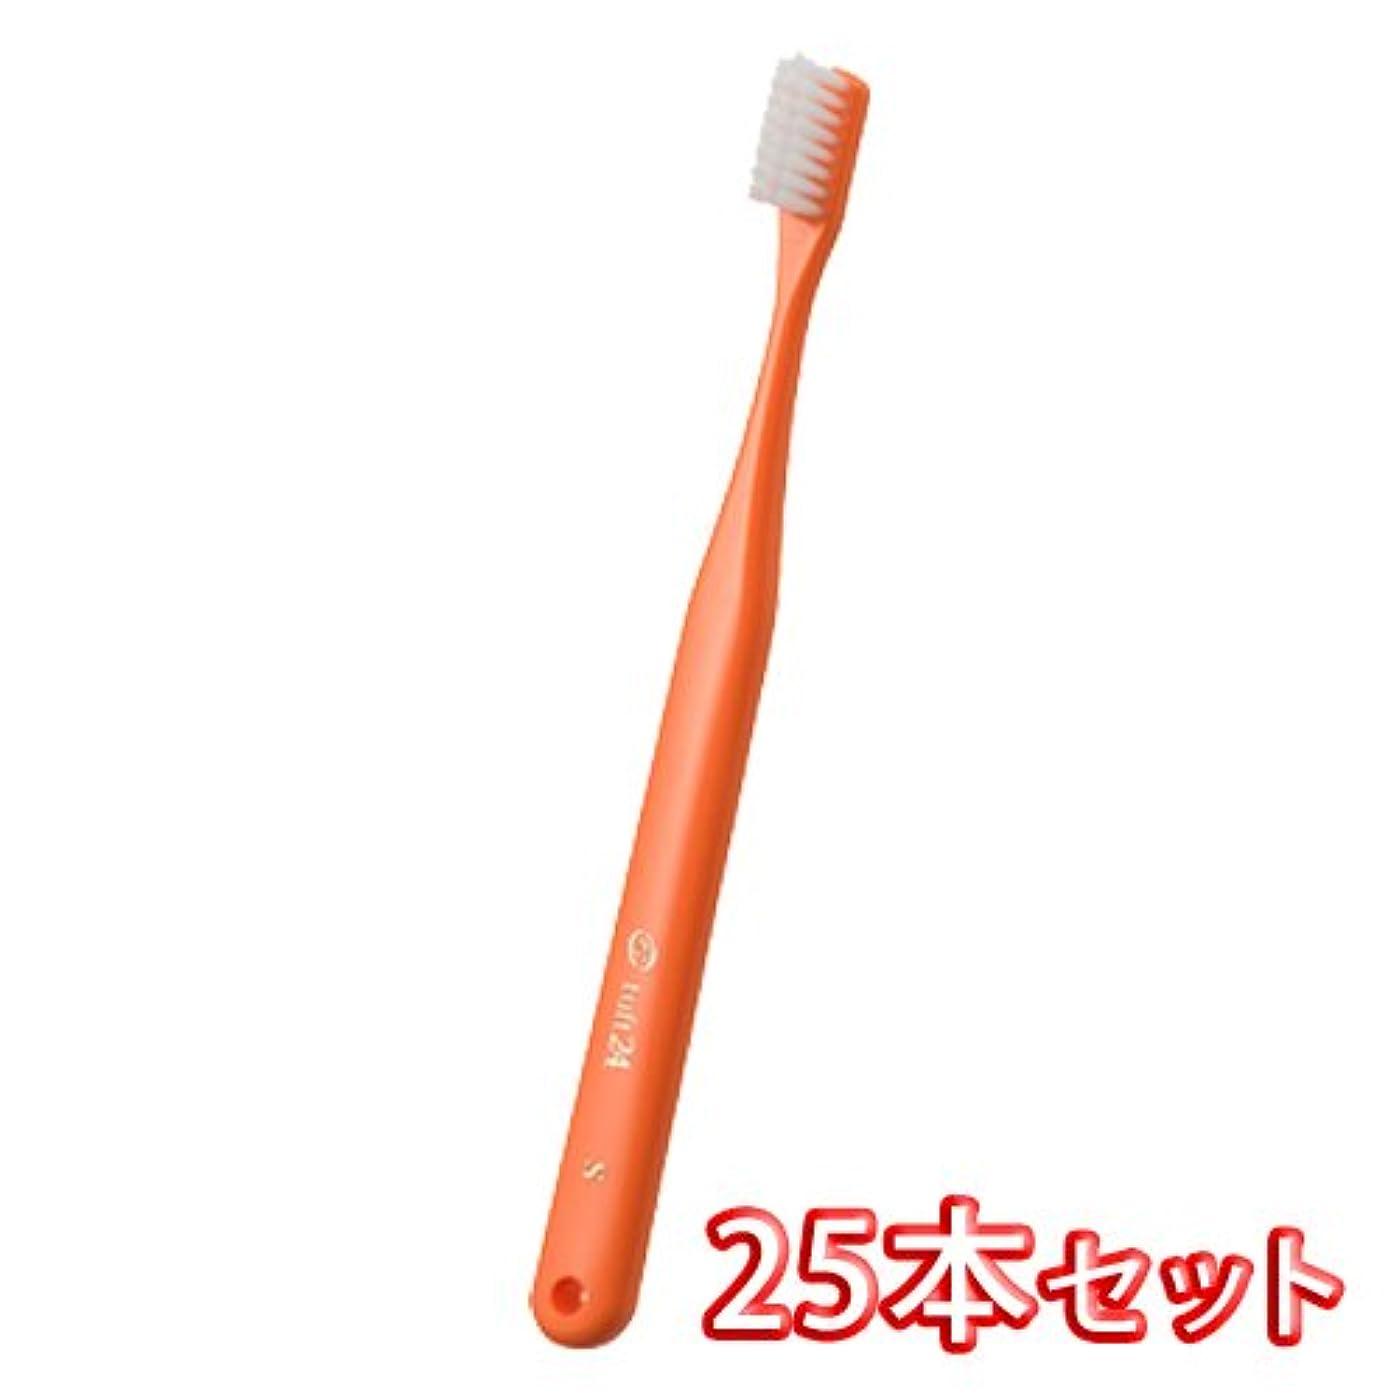 怠ネコチャールズキージングオーラルケア キャップ付き タフト 24 歯ブラシ 25本入 ミディアムソフト MS (オレンジ)